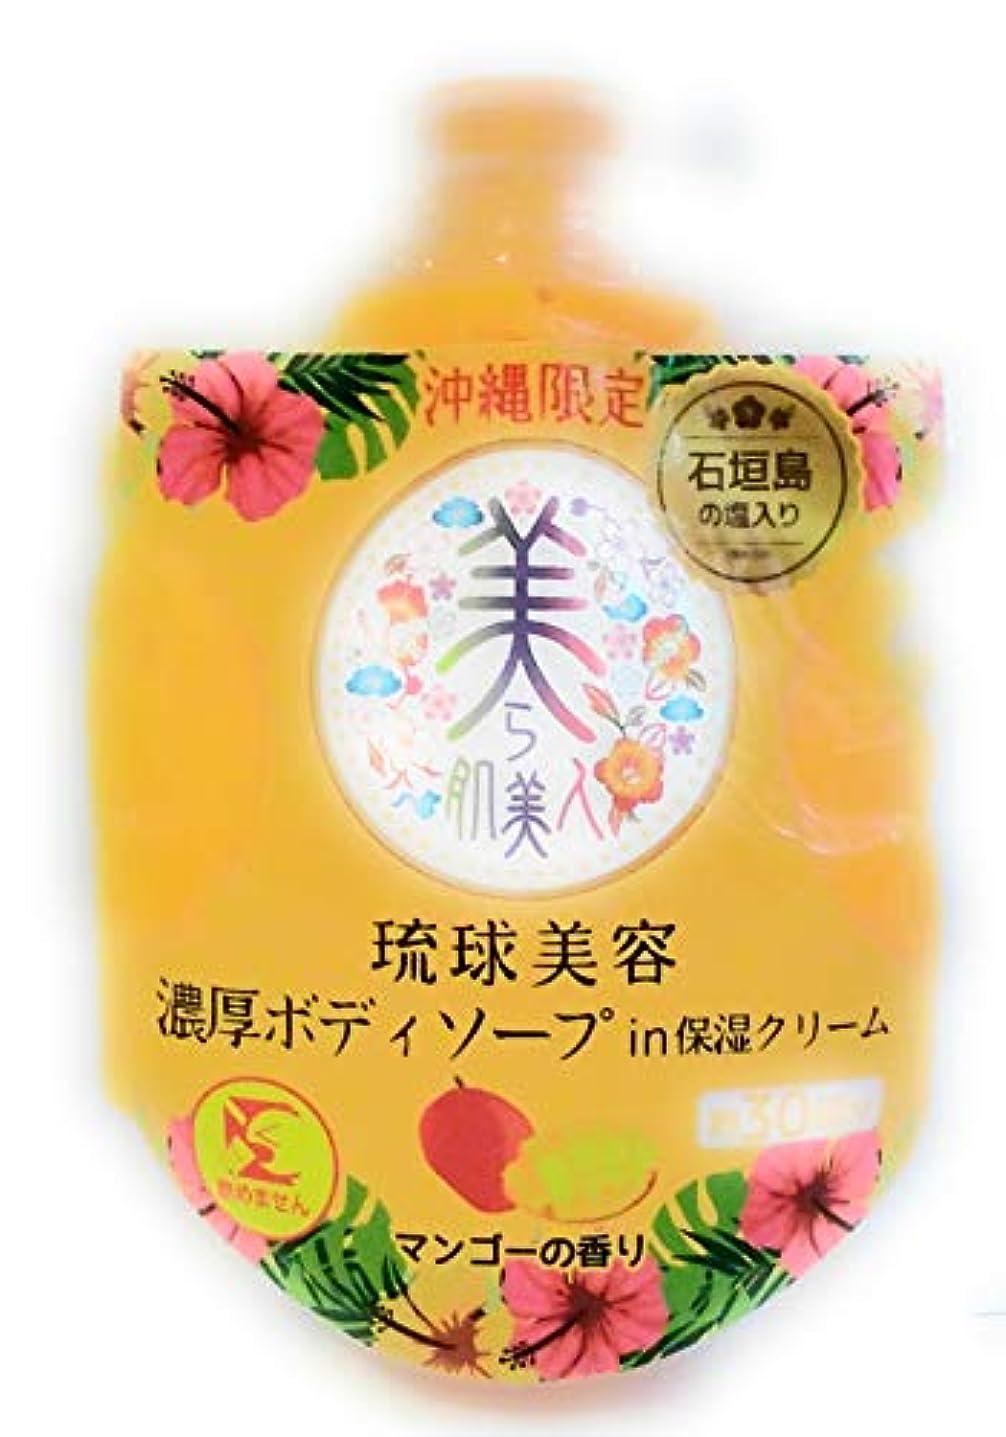 防水そう取り組む沖縄限定 美ら肌美人 琉球美容濃厚ボディソープin保湿クリーム マンゴーの香り